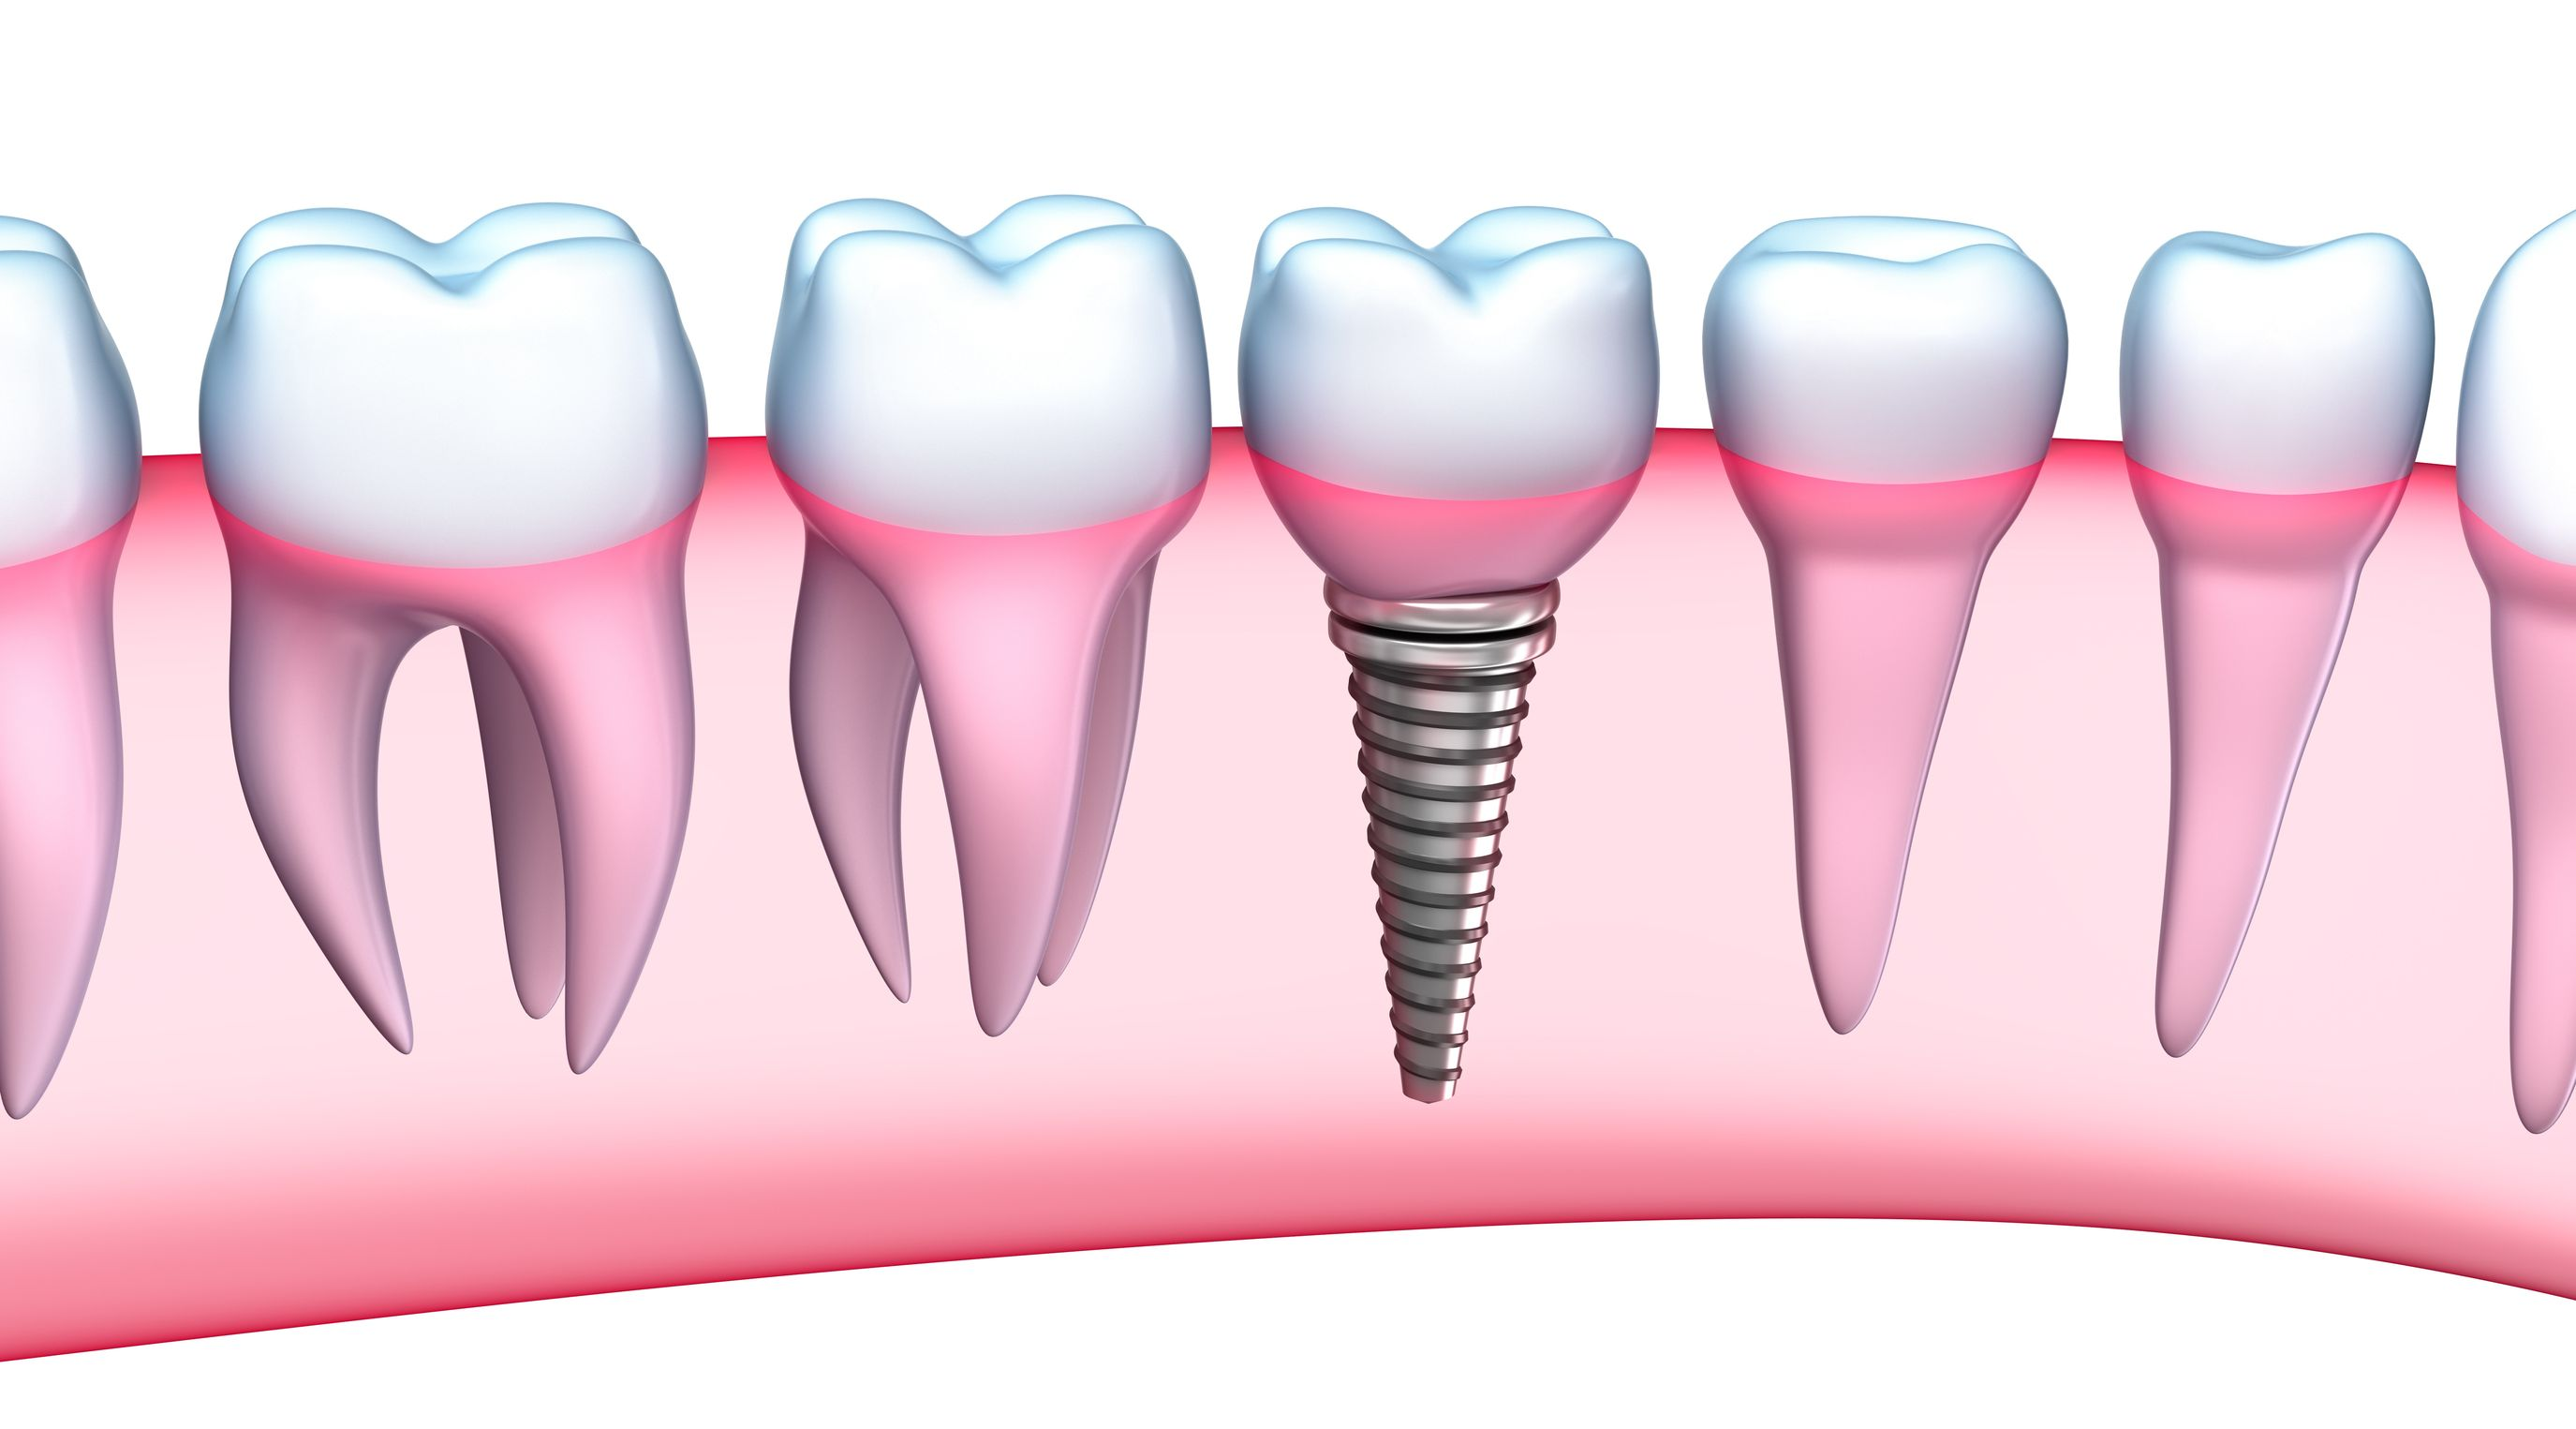 Lo mejor en implantes dentales